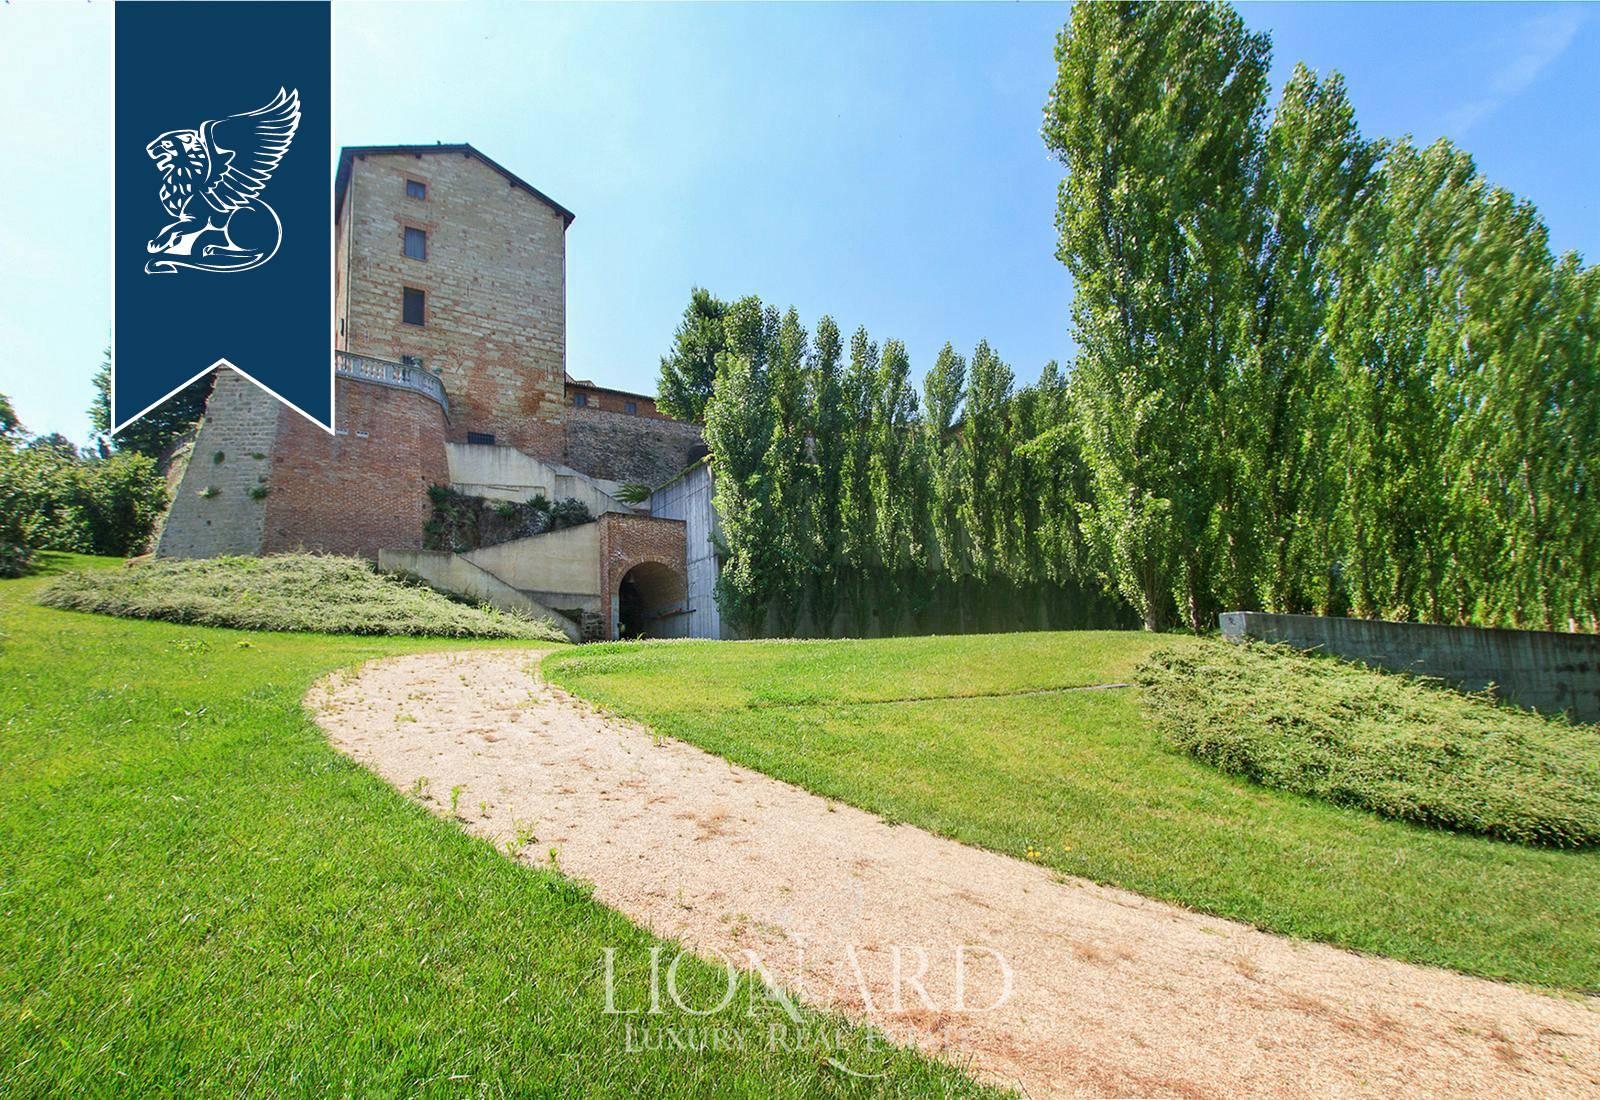 Villa in Vendita a Vignale Monferrato: 0 locali, 11520 mq - Foto 2